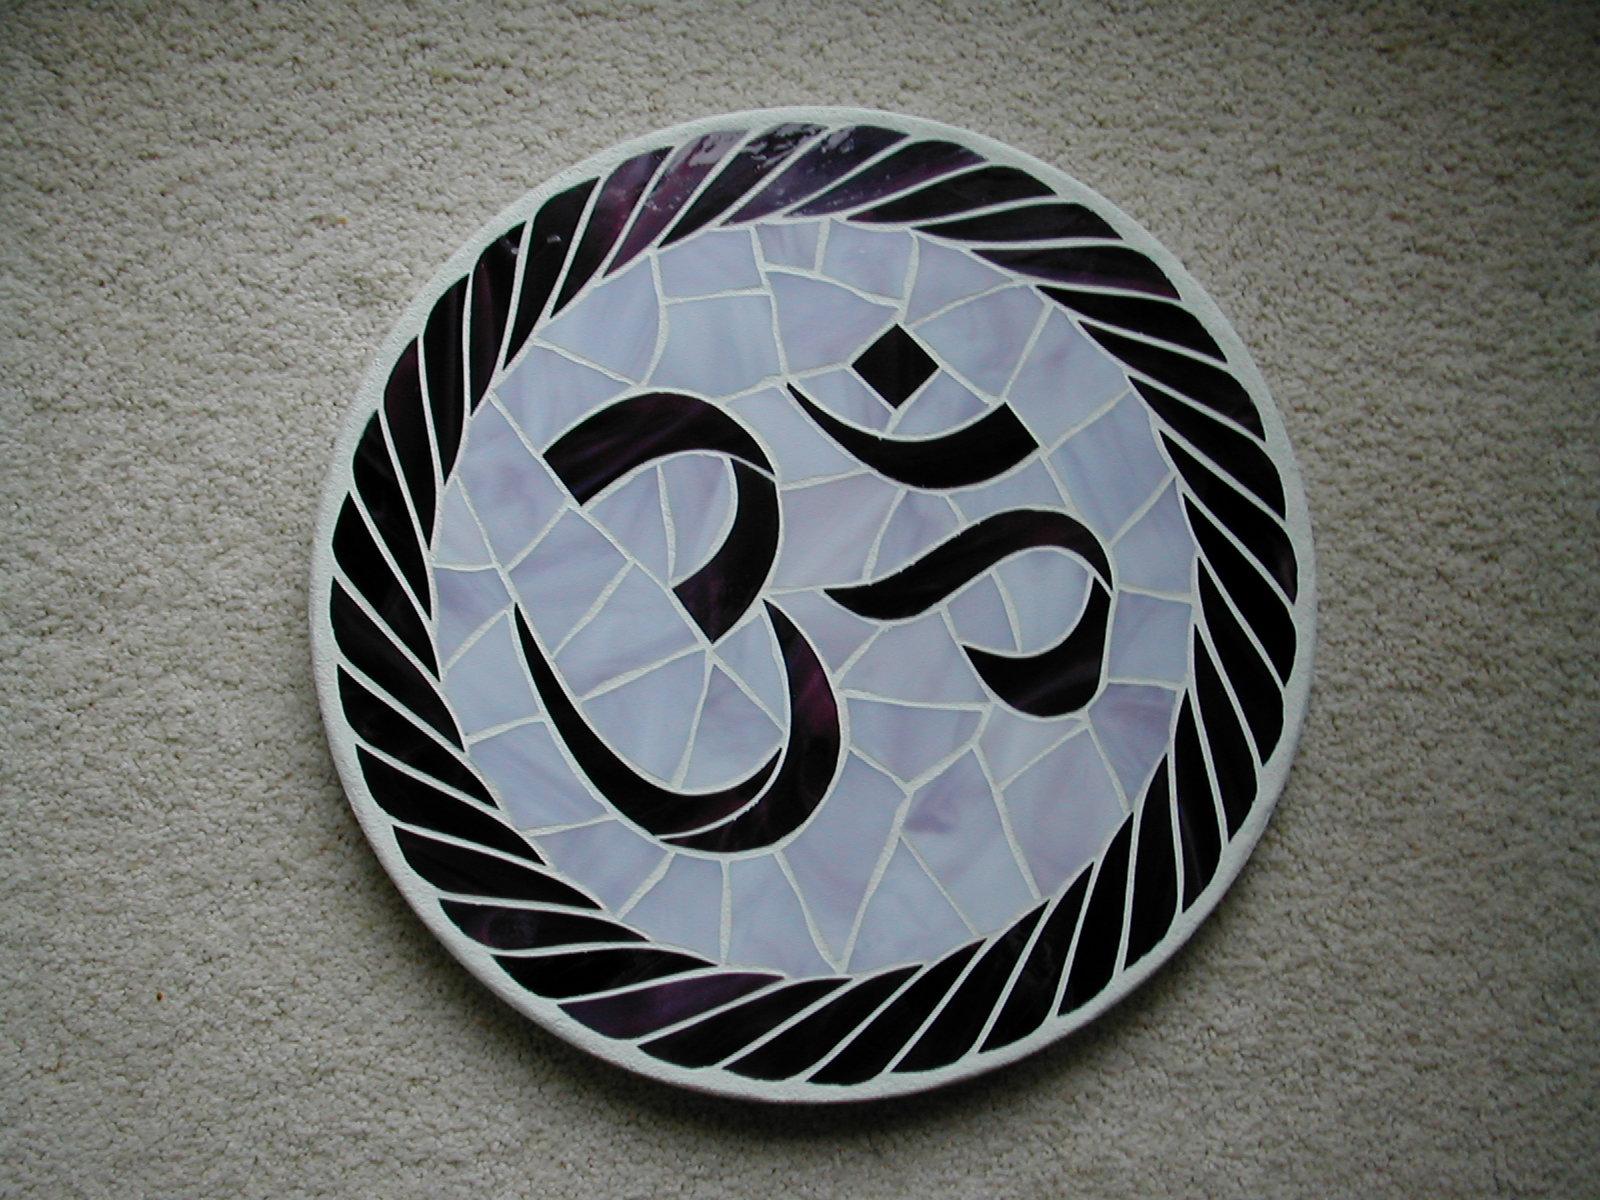 http://3.bp.blogspot.com/_3UGRITHCVIE/S8IAr-kjF-I/AAAAAAAACdE/wLICnz5VuYk/s1600/om-wallpaper-11.jpg